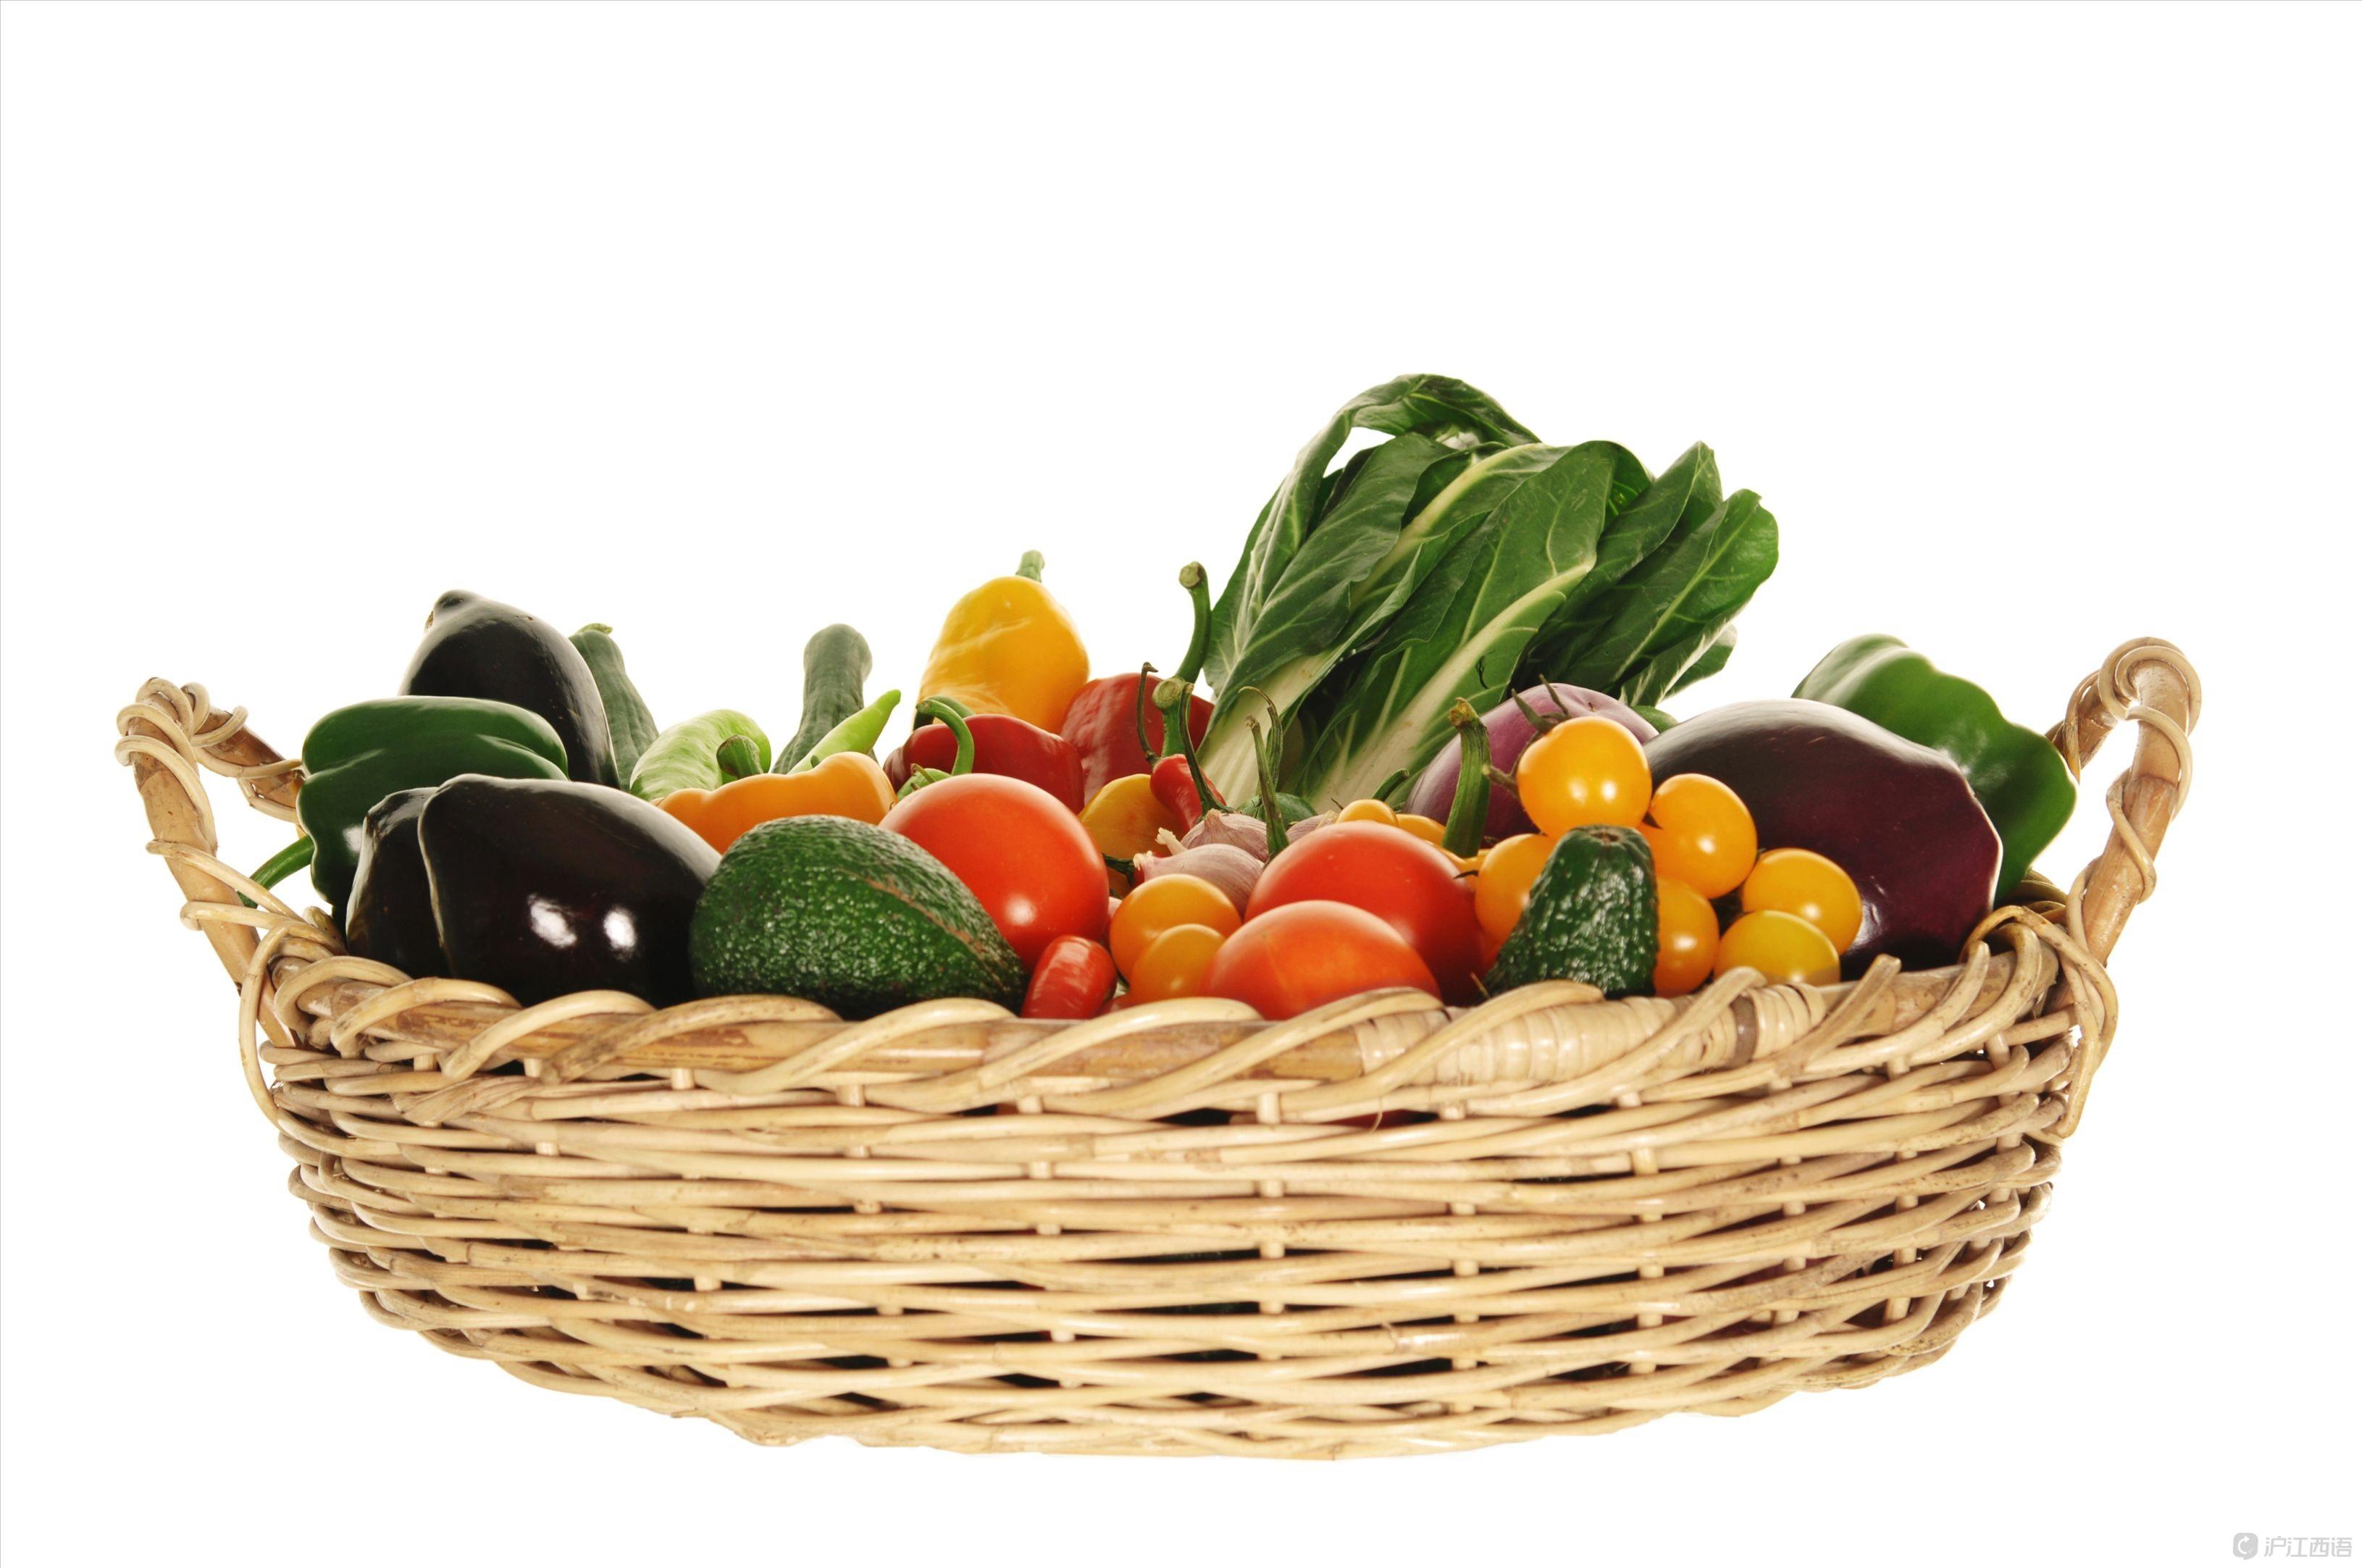 生活中哪些食物含酵素多?哪些食物会抑制酵素